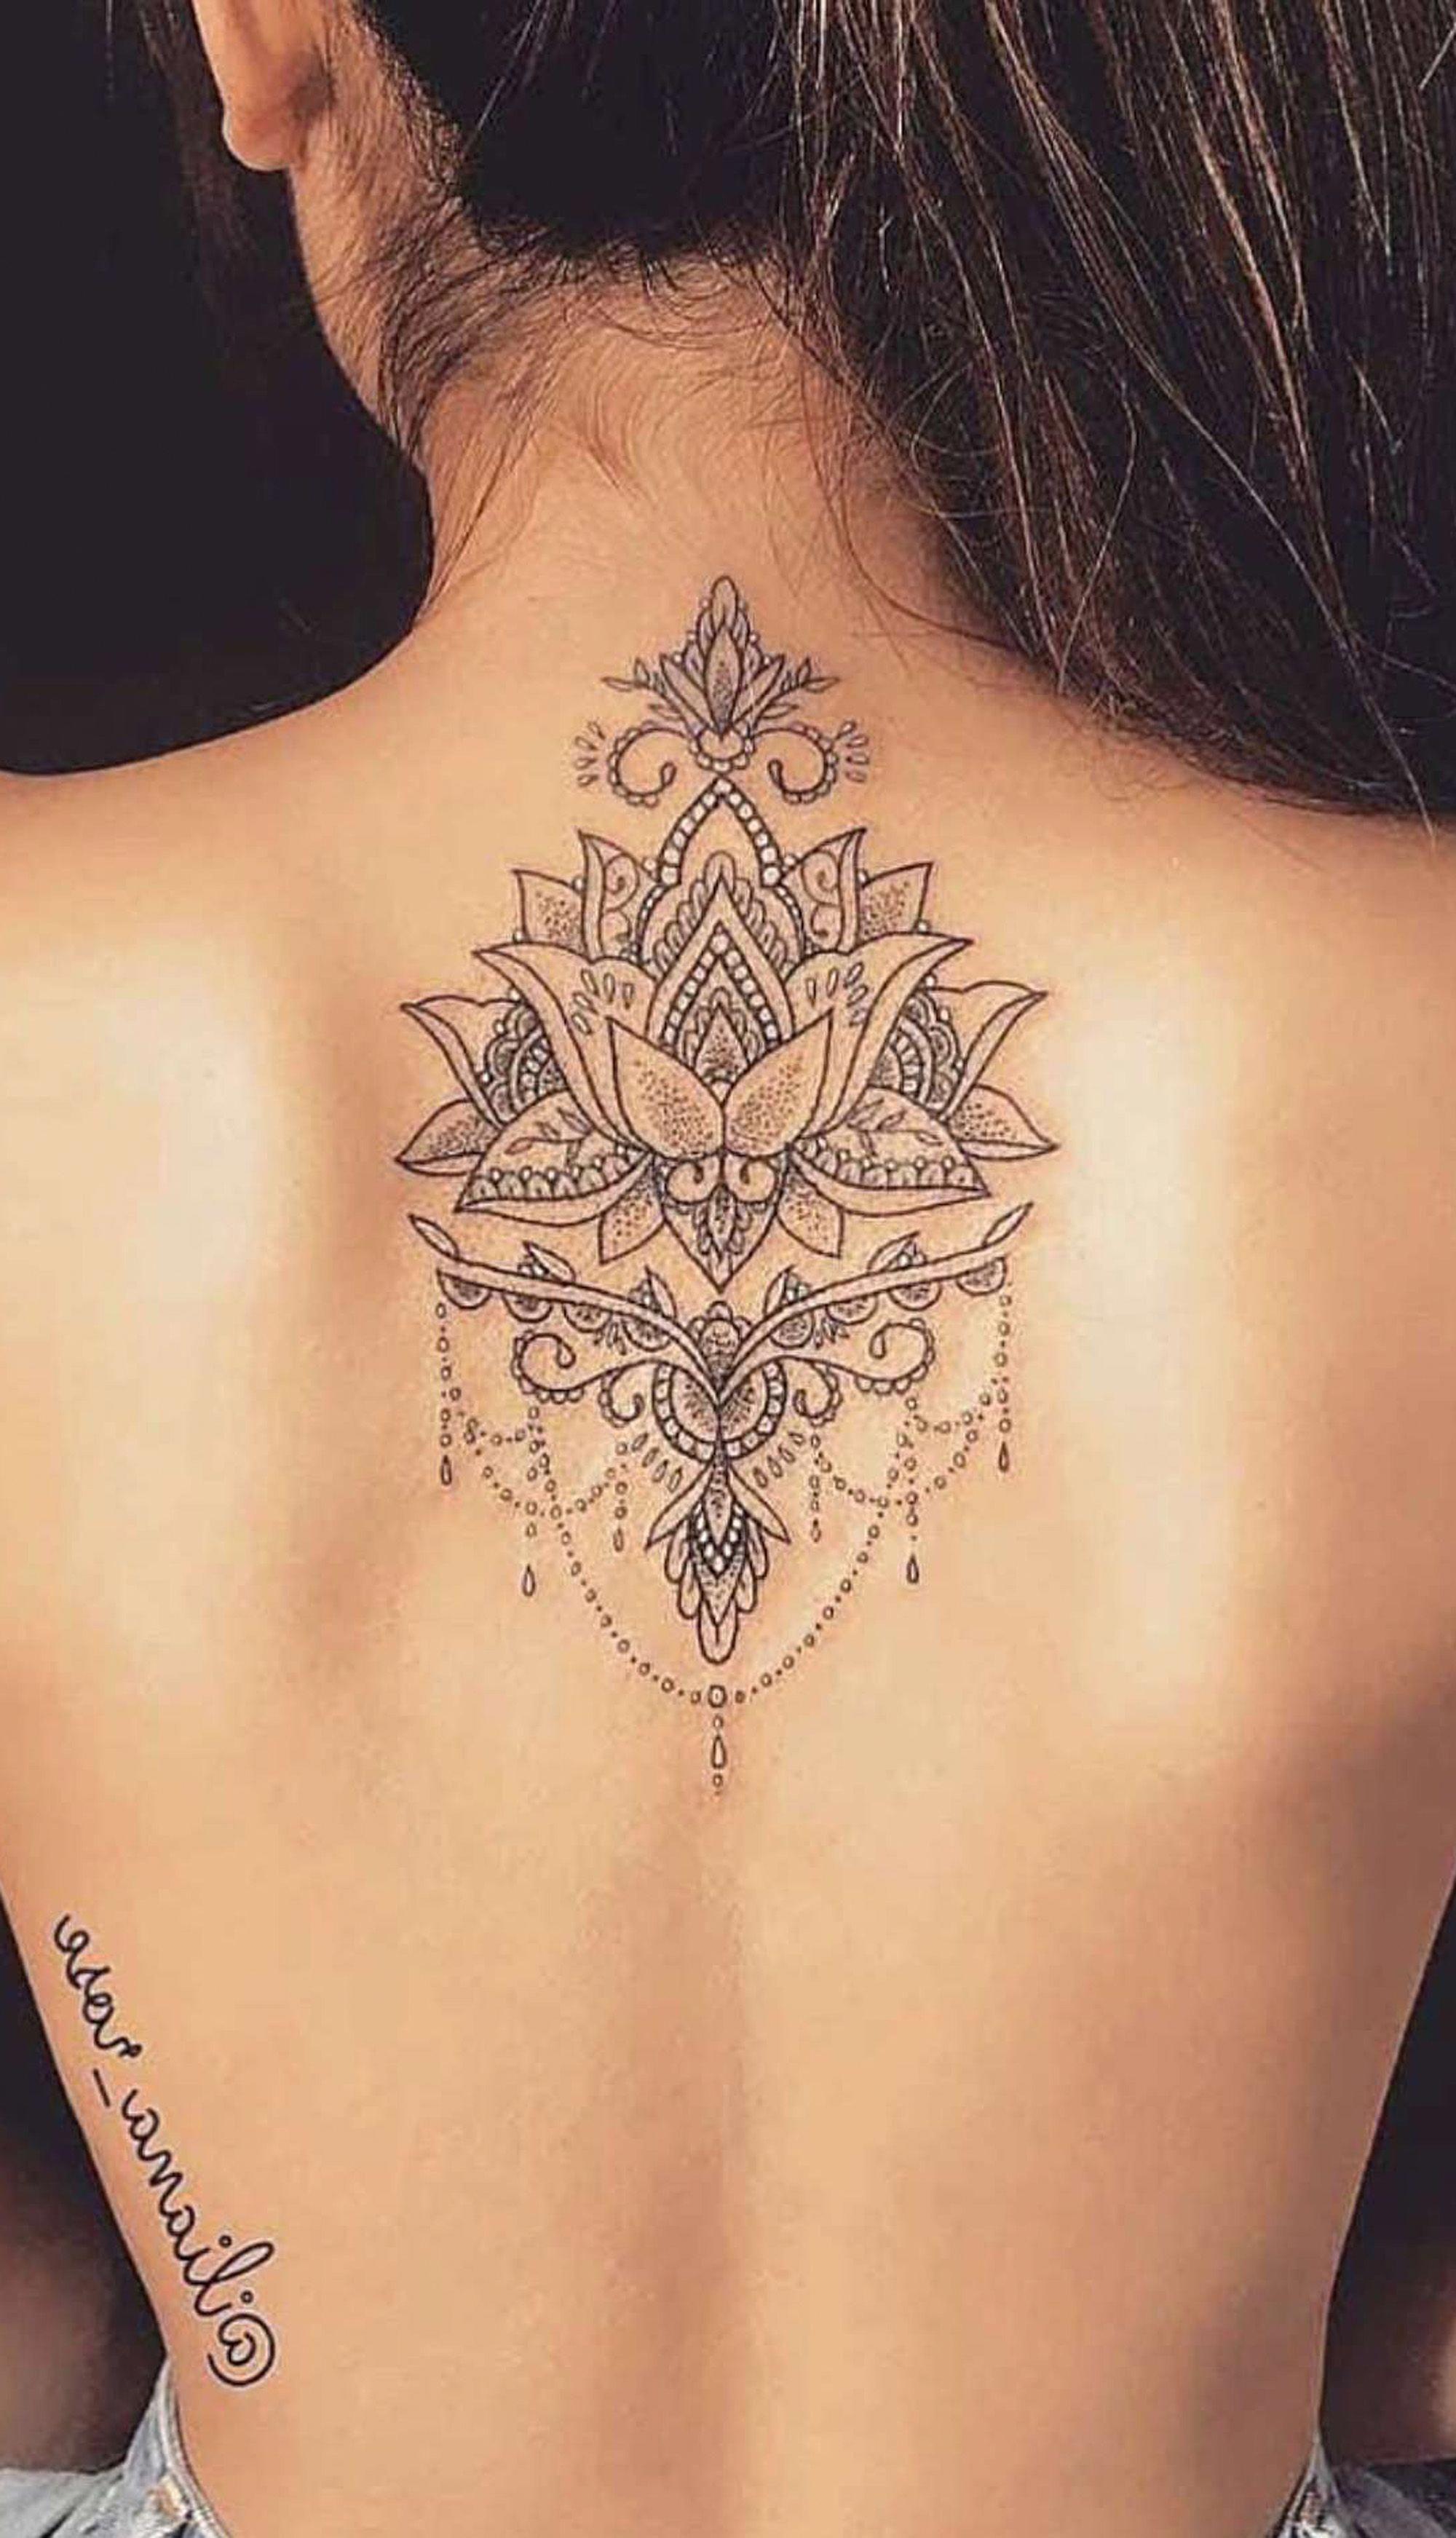 Mandela Tattoo Mandalatattoo Henna Tattoo Back Chandelier Tattoo Back Tattoo Women